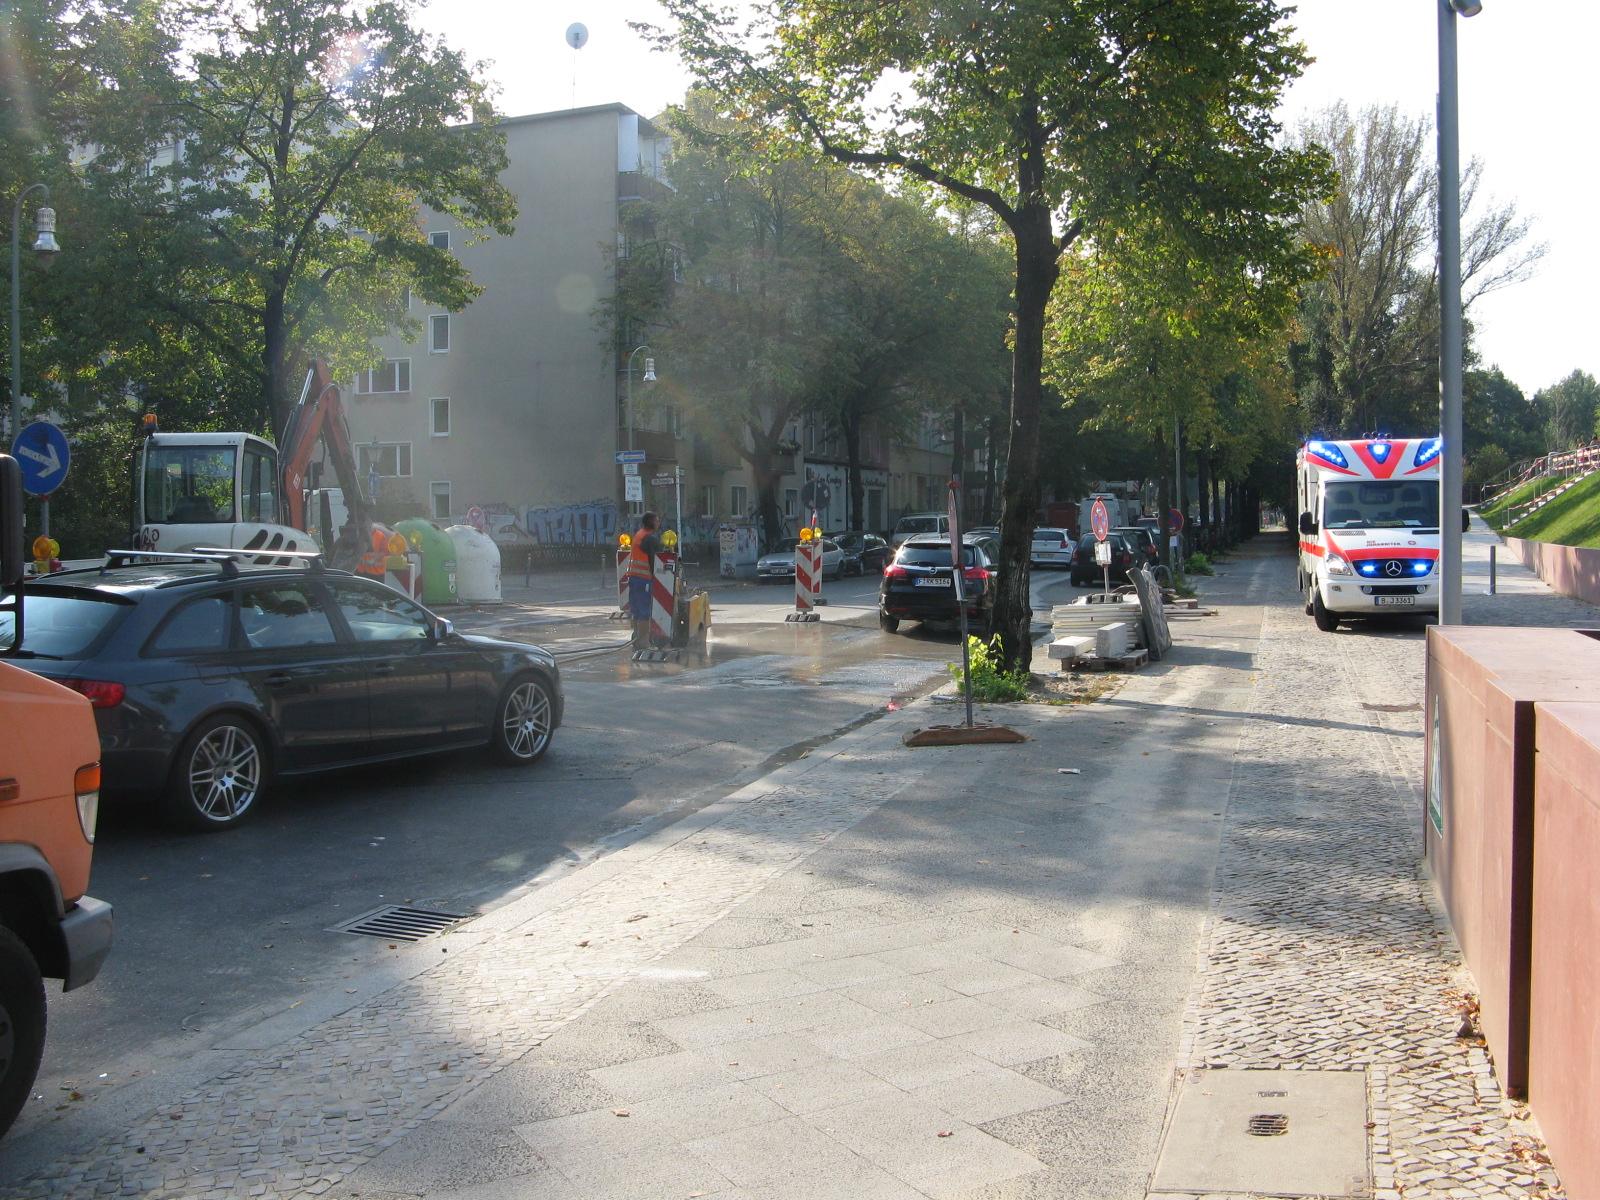 Bauarbeiten für die Mittelinsel in der Möckernstraße, rechts im Bild ein Krankenwagen, der zu einem Unfall in der Skaternalage unterwegs war. Es dauert eien Weil, bis er schließlich beim Eingang am Spectrum den Weg aufs Gelände fand.